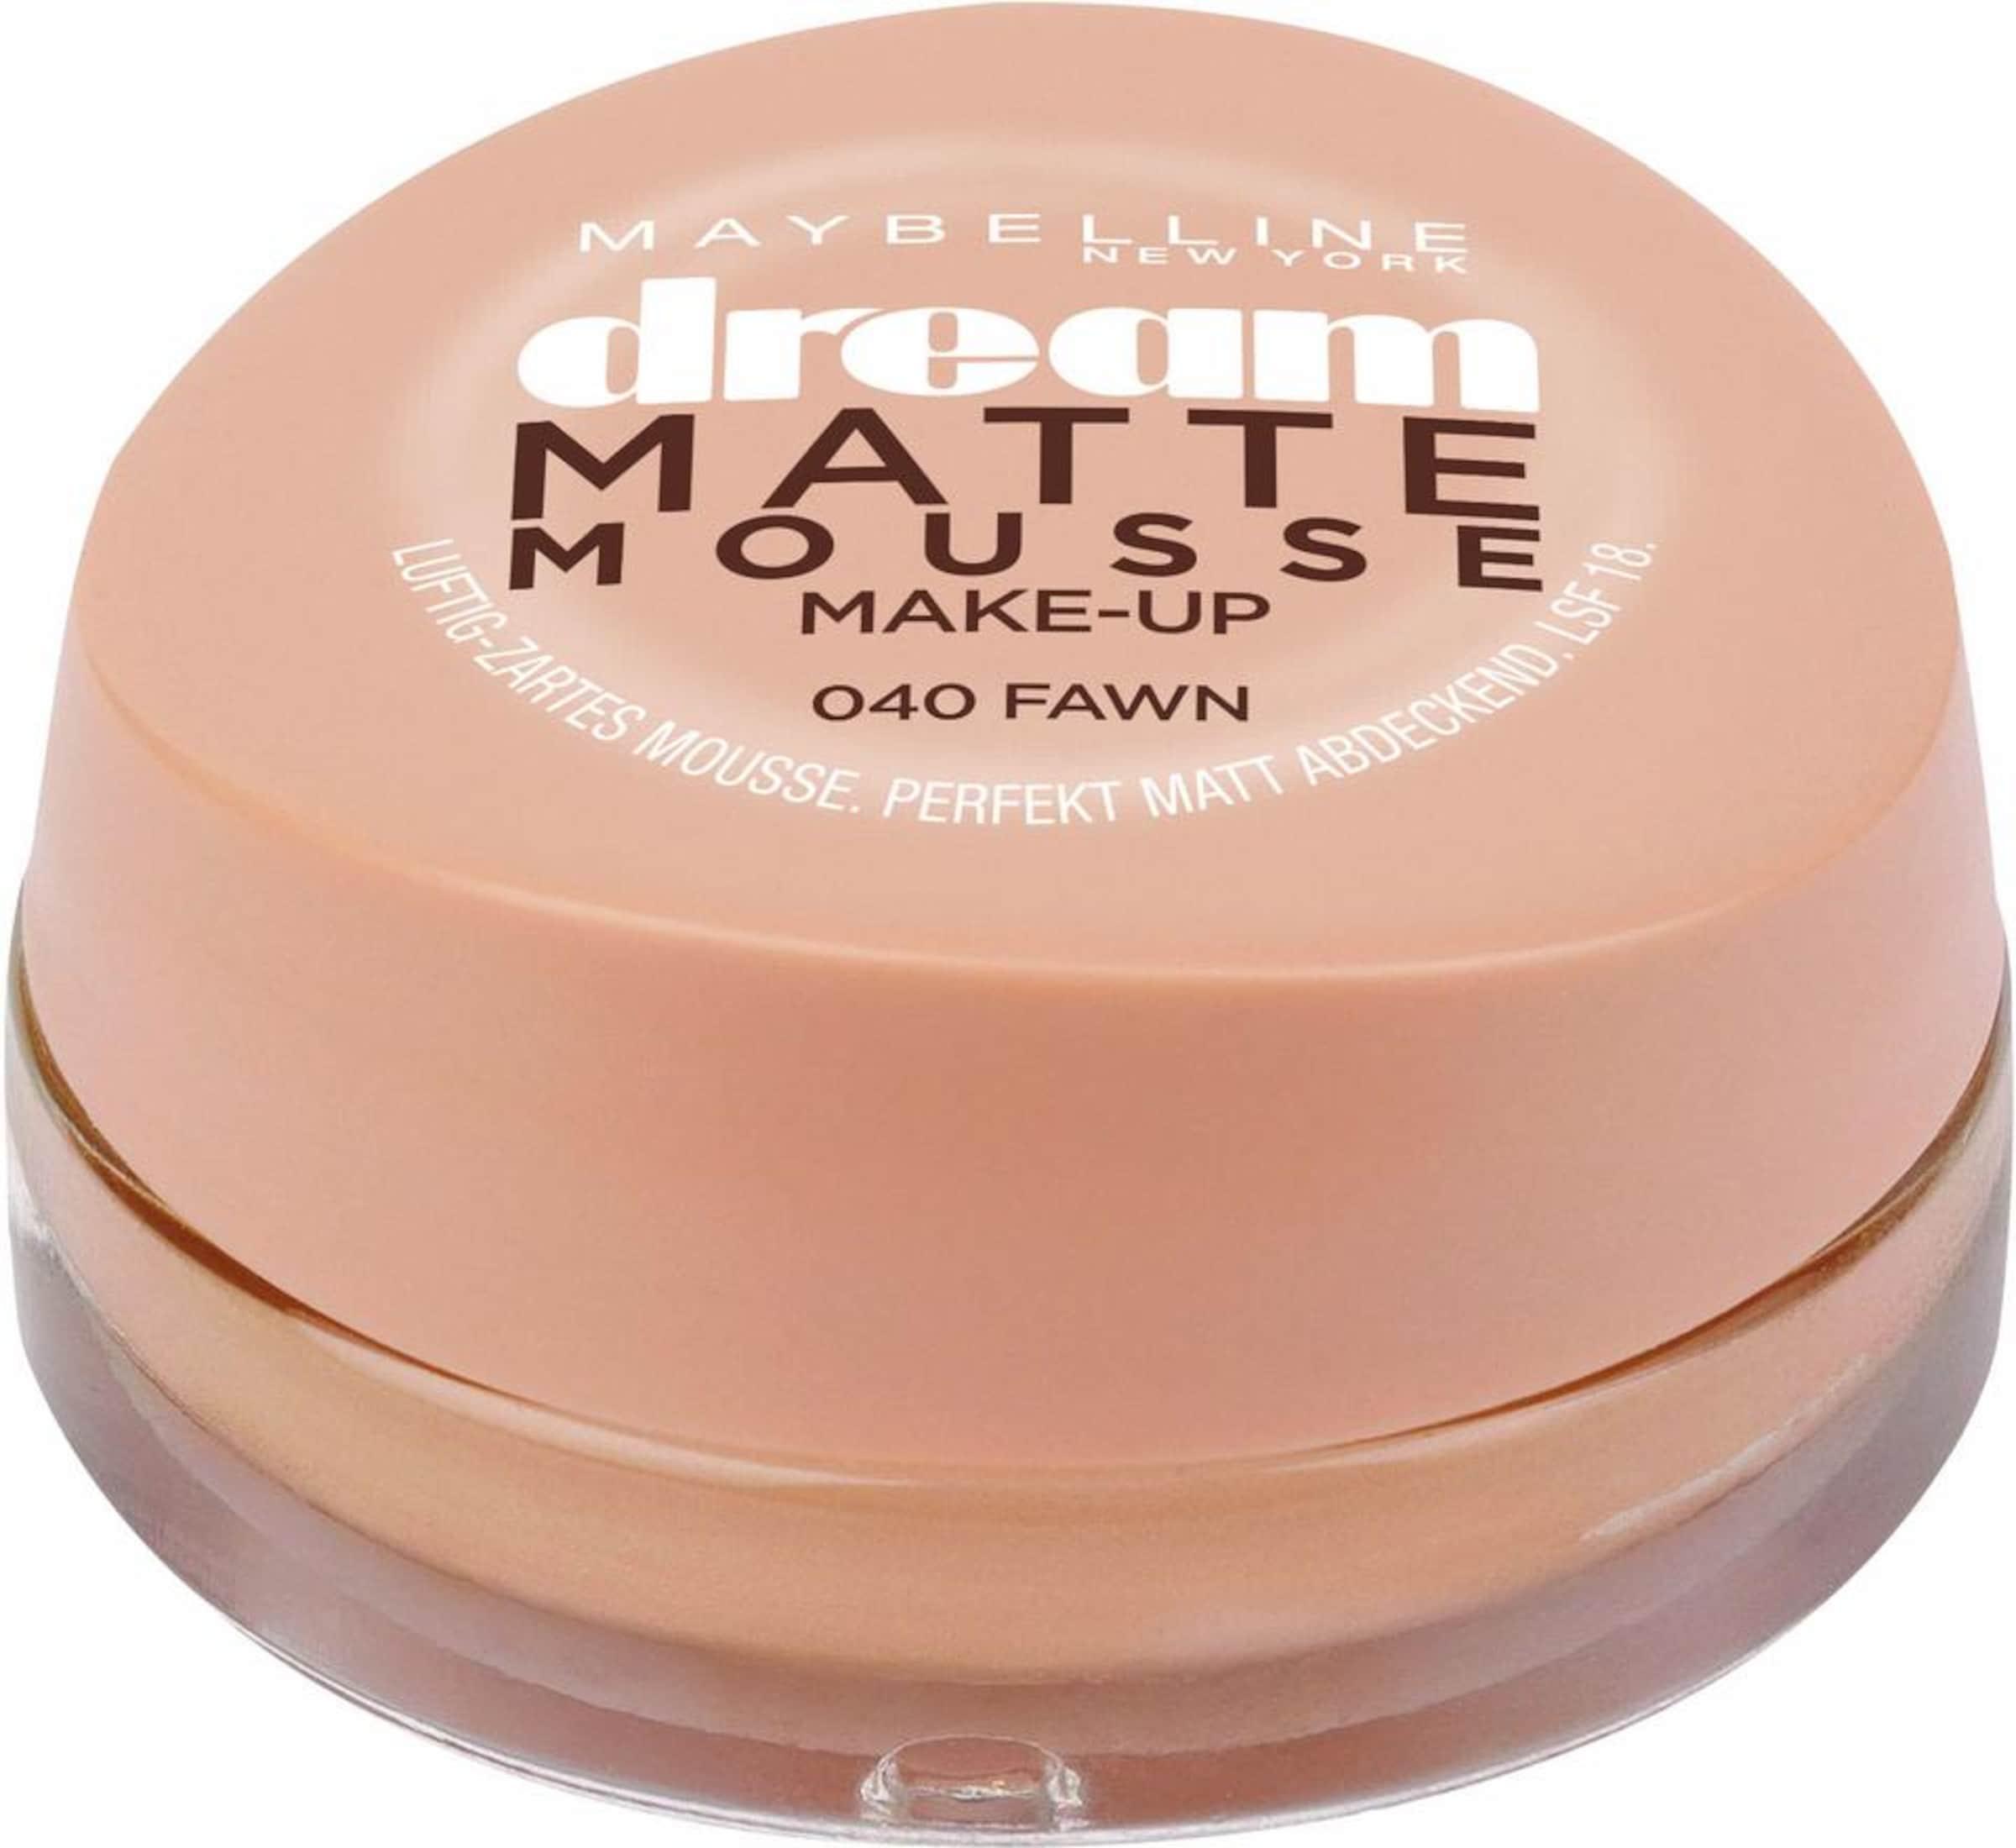 Mousse York up'Foundation 'dream Beige Maybelline Make Matte New In y7fgYb6v